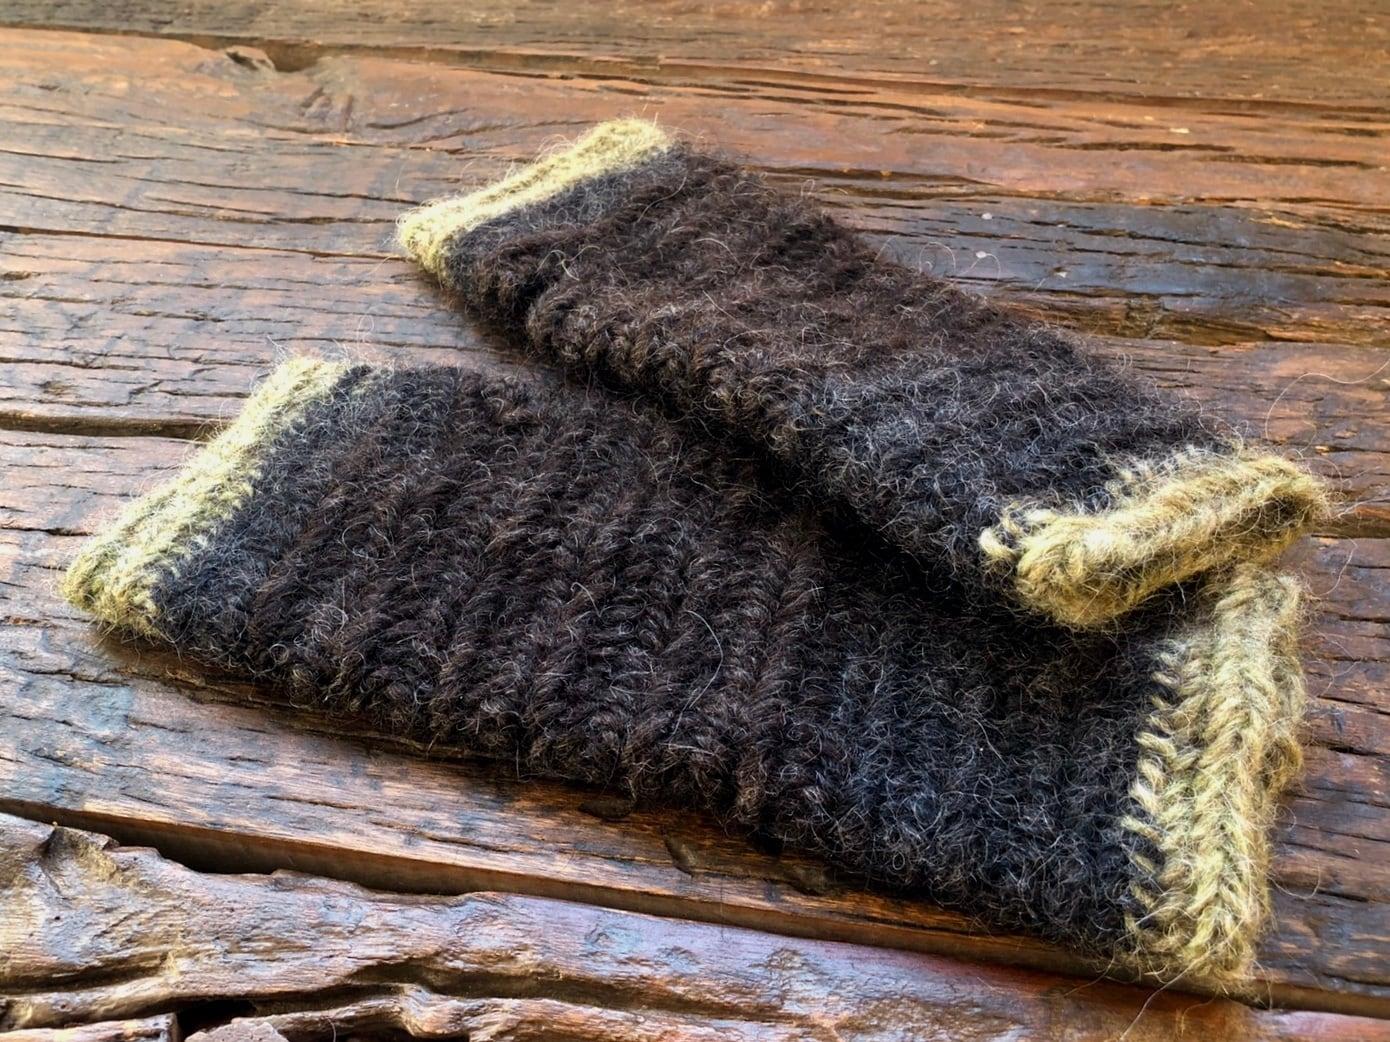 ノールビンドニング手袋[アイスランドウール100%]